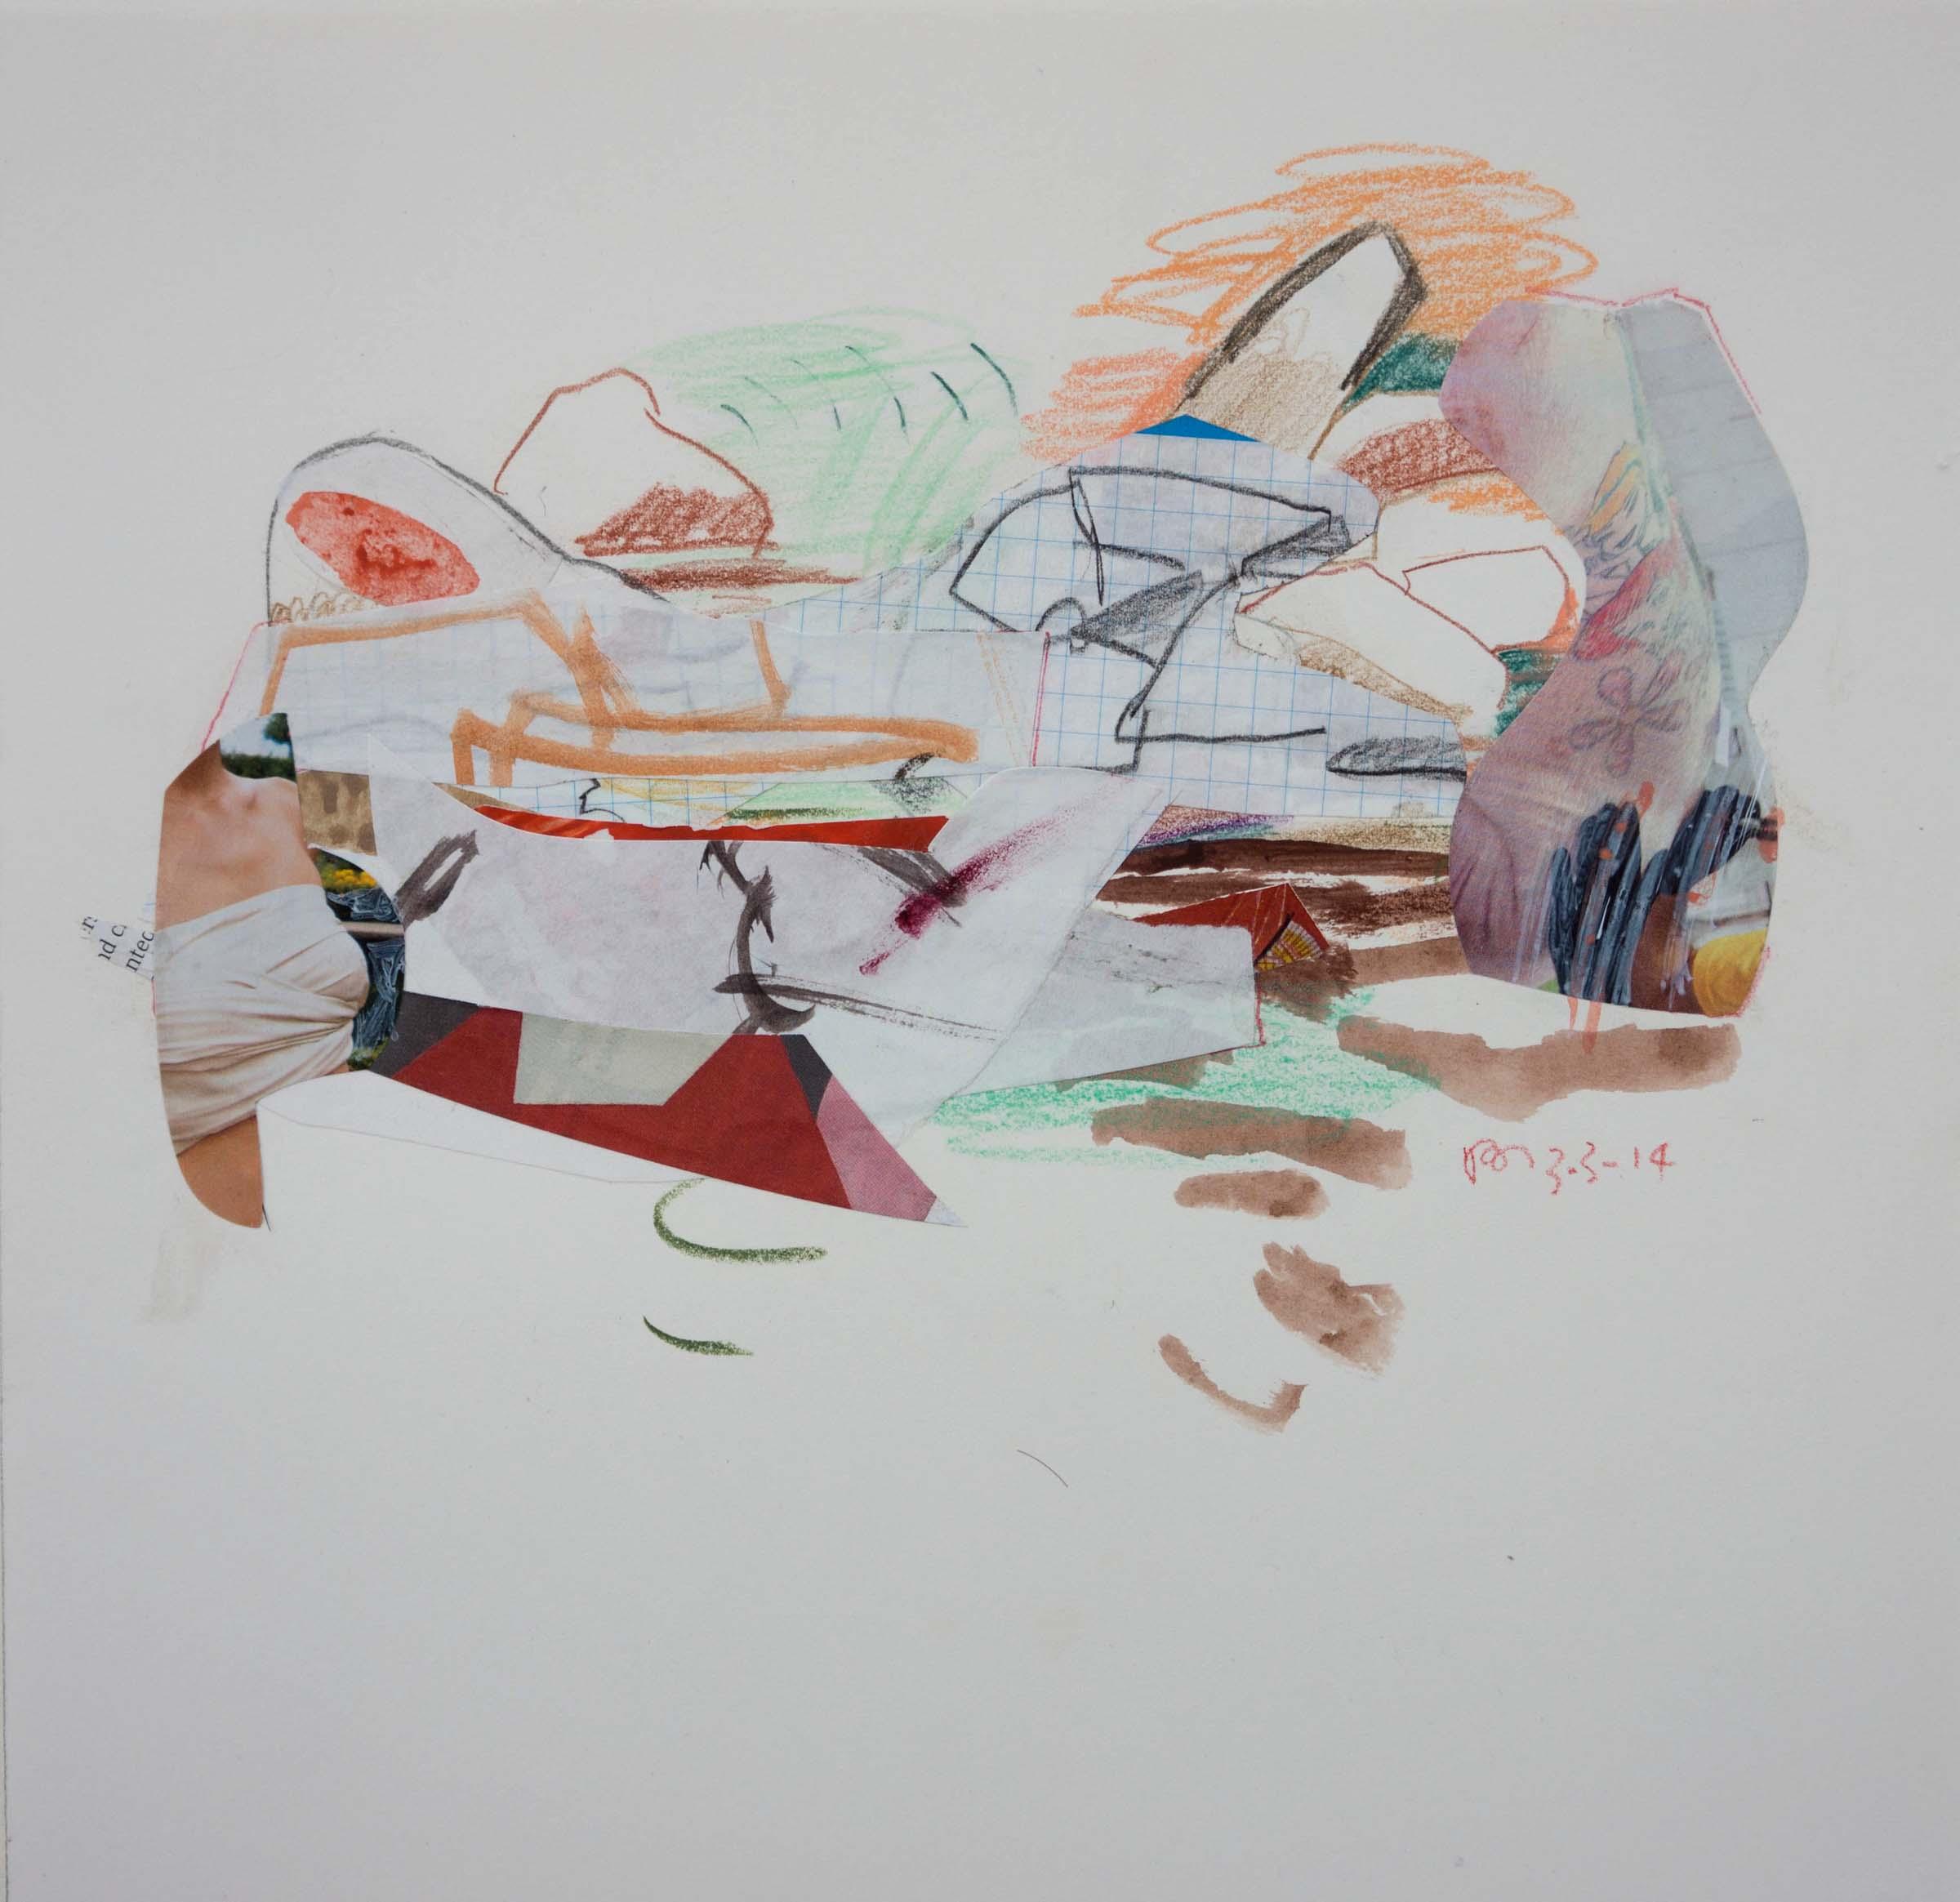 3-3-14 collage 2  26x26 cm